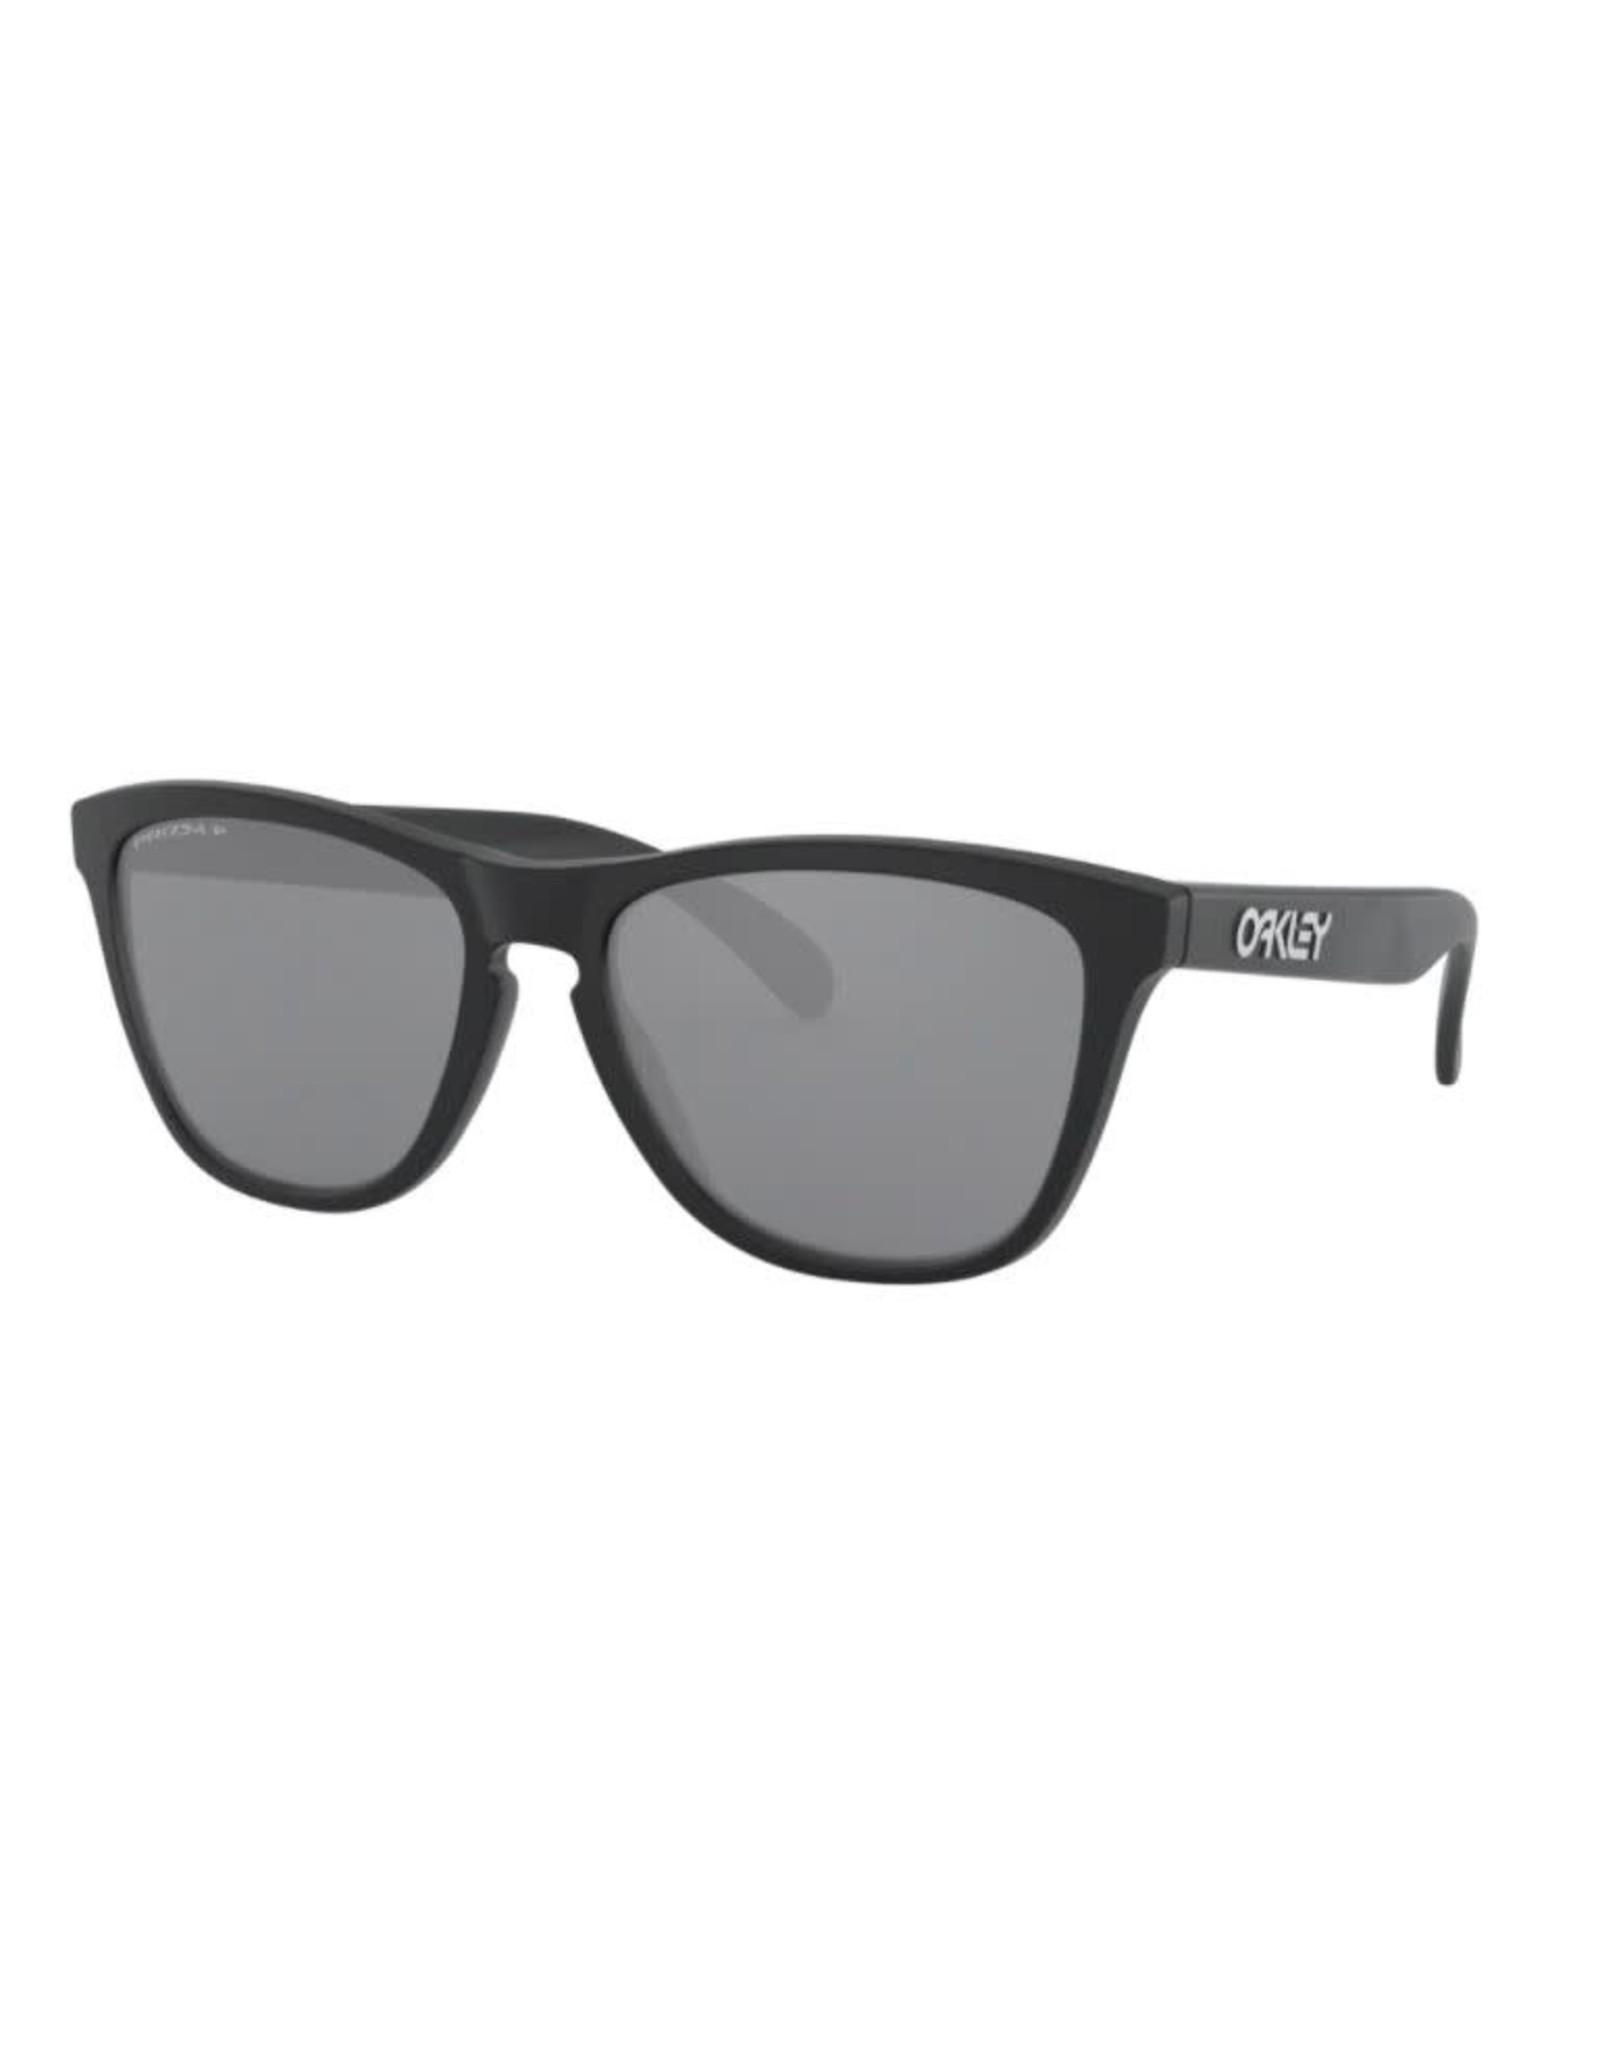 Oakley Oakley - Lunette soleil homme frogskins matte black/lens prizm black polarized